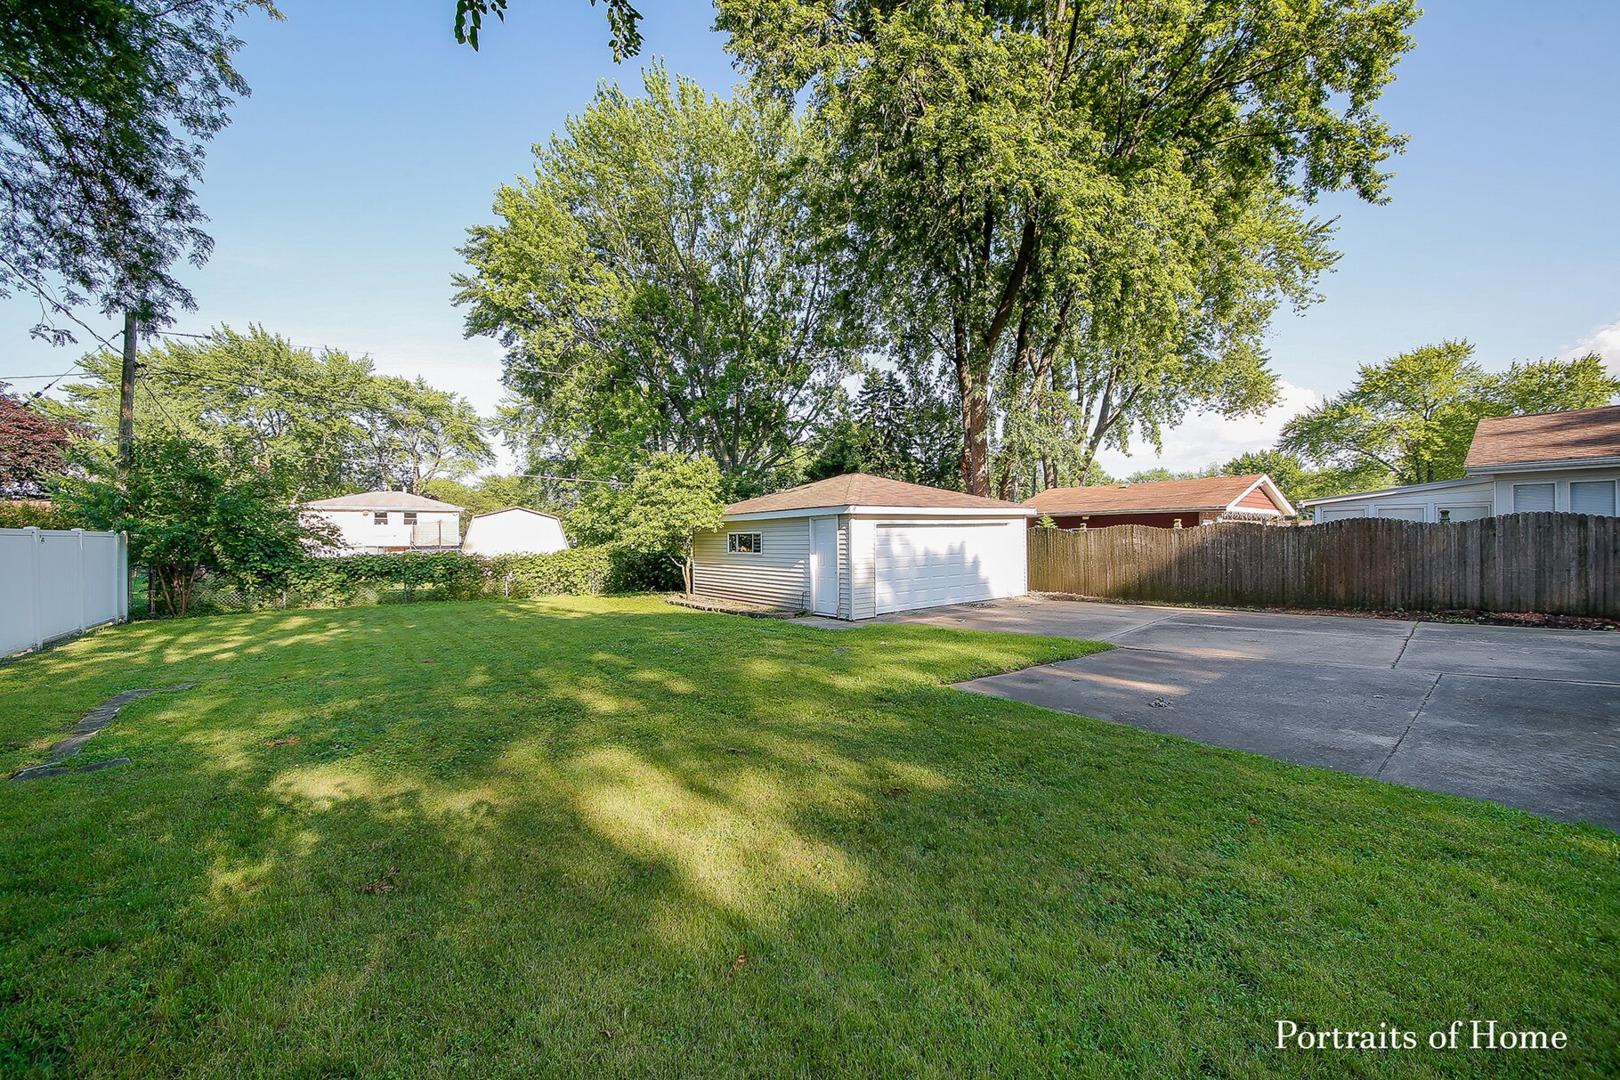 15209 Hamlin, Midlothian, Illinois, 60445